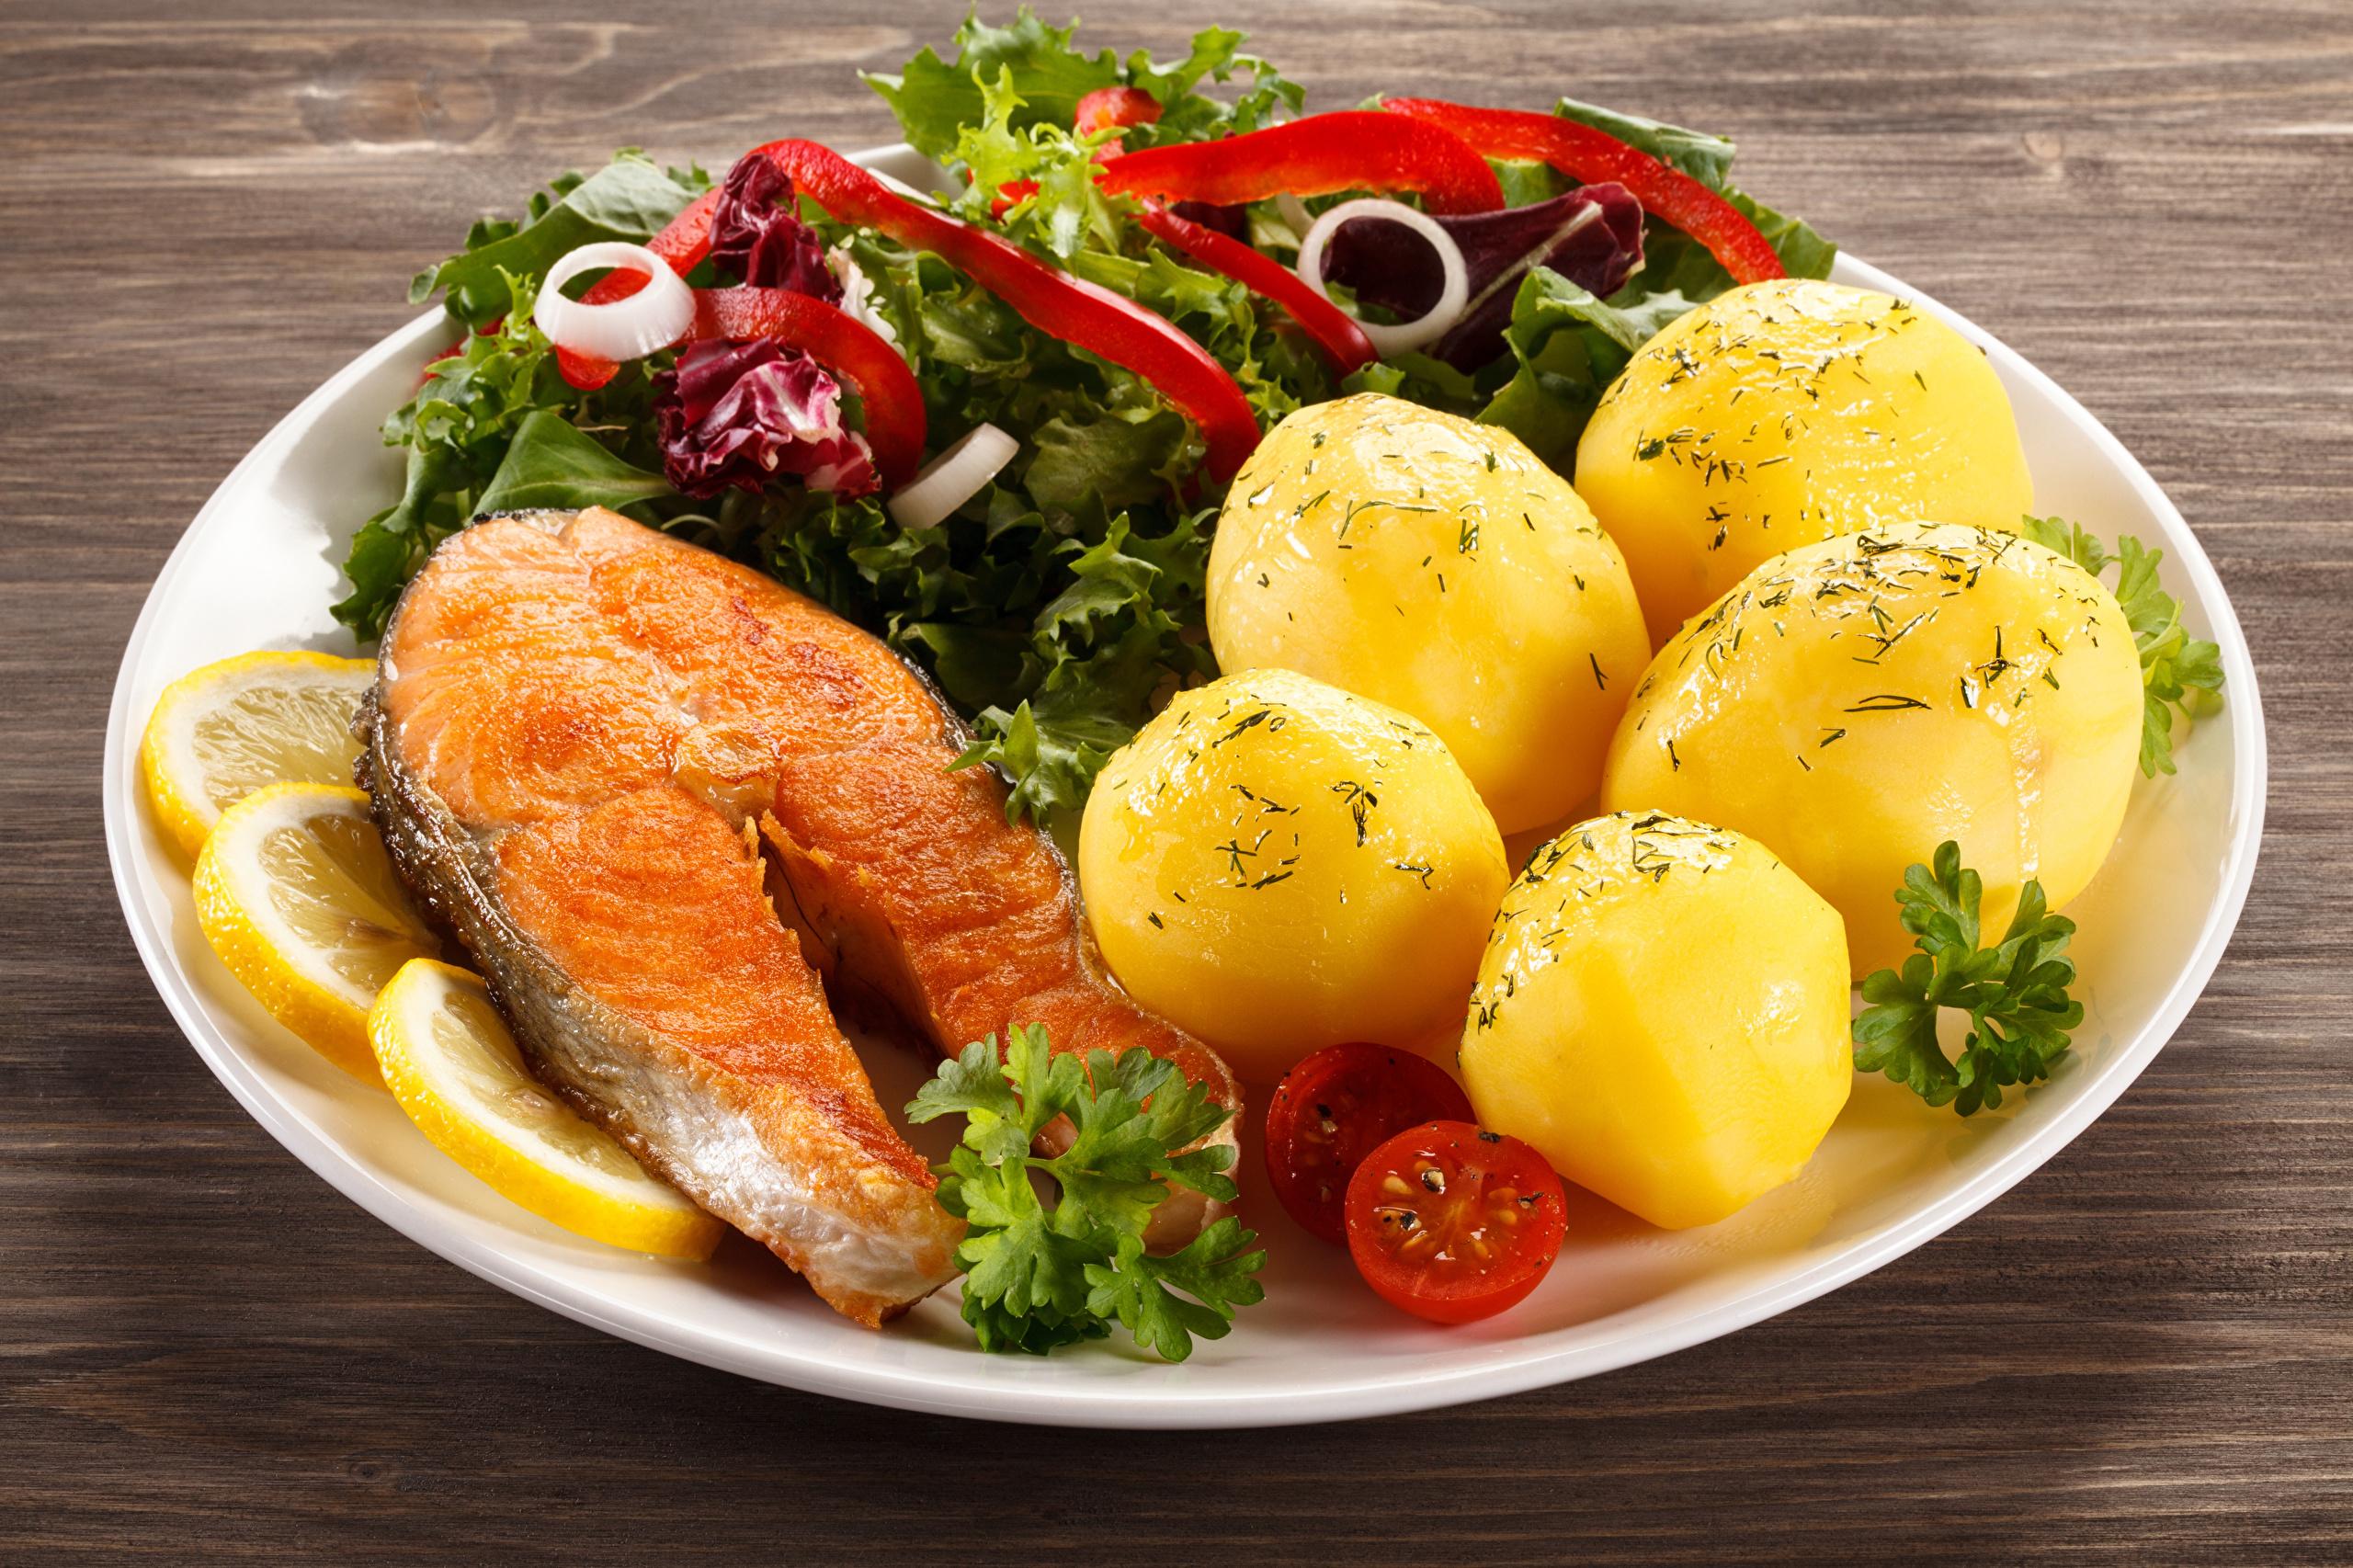 еда котлеты картошка салат скачать